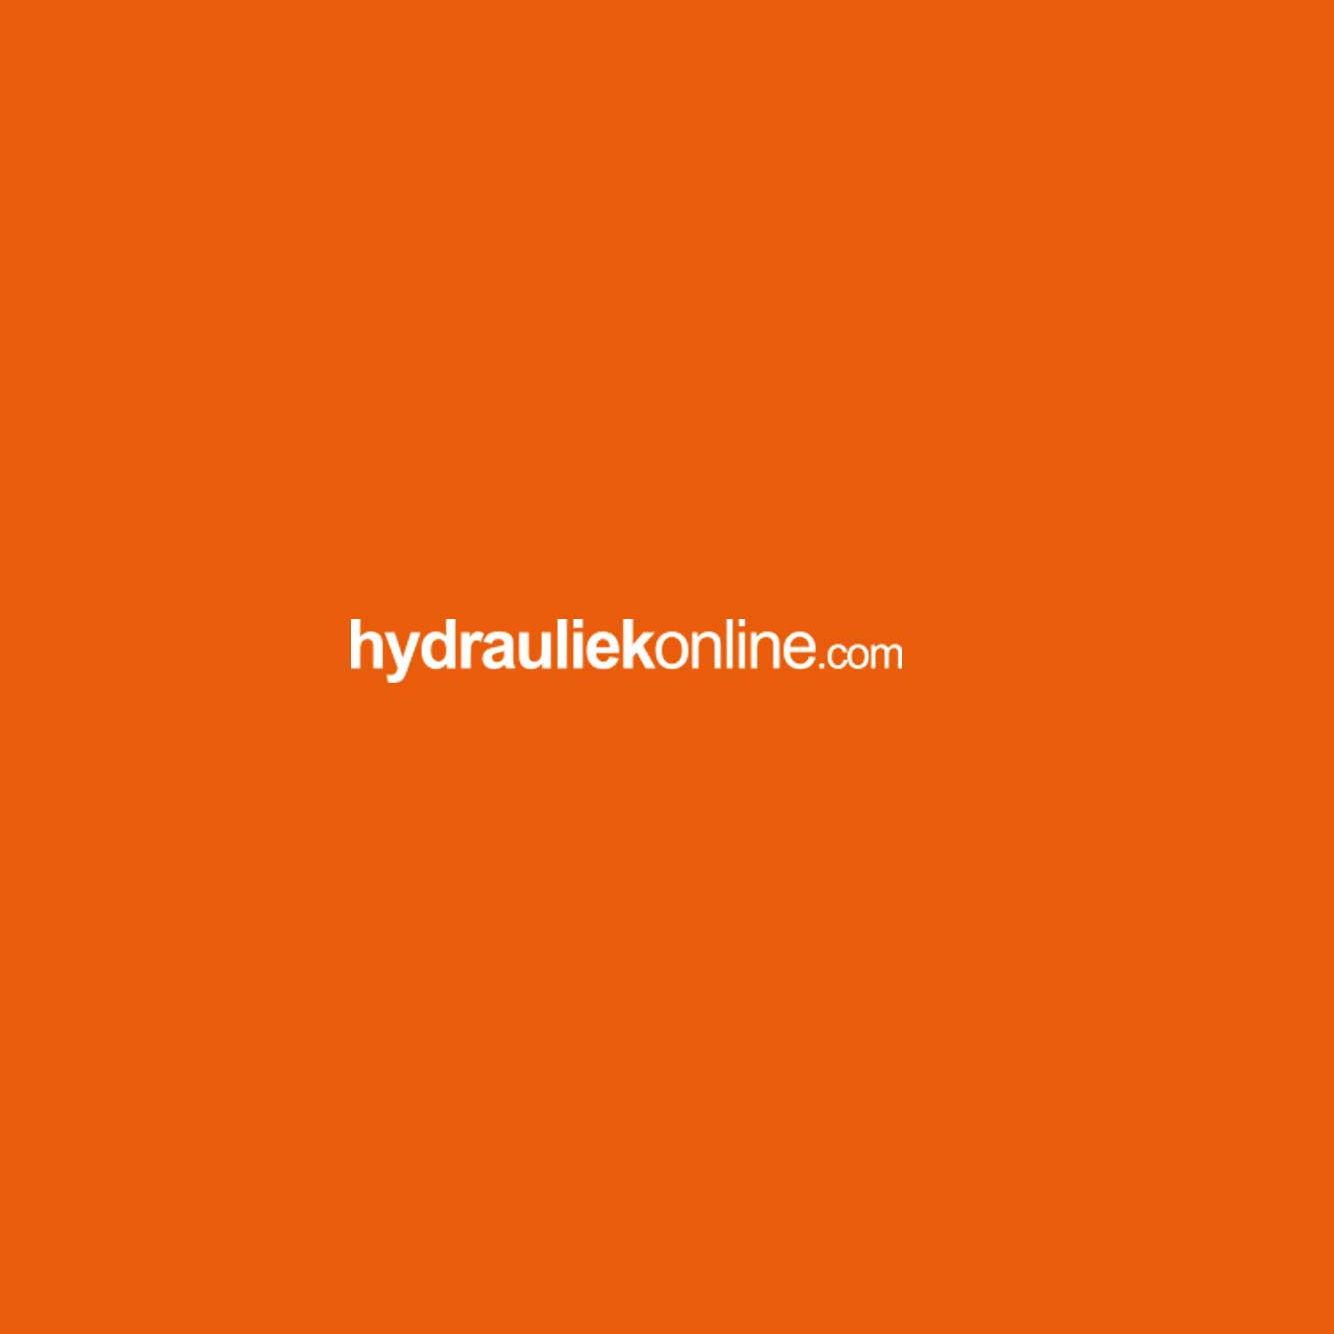 hydrauliek-online-2761.jpg